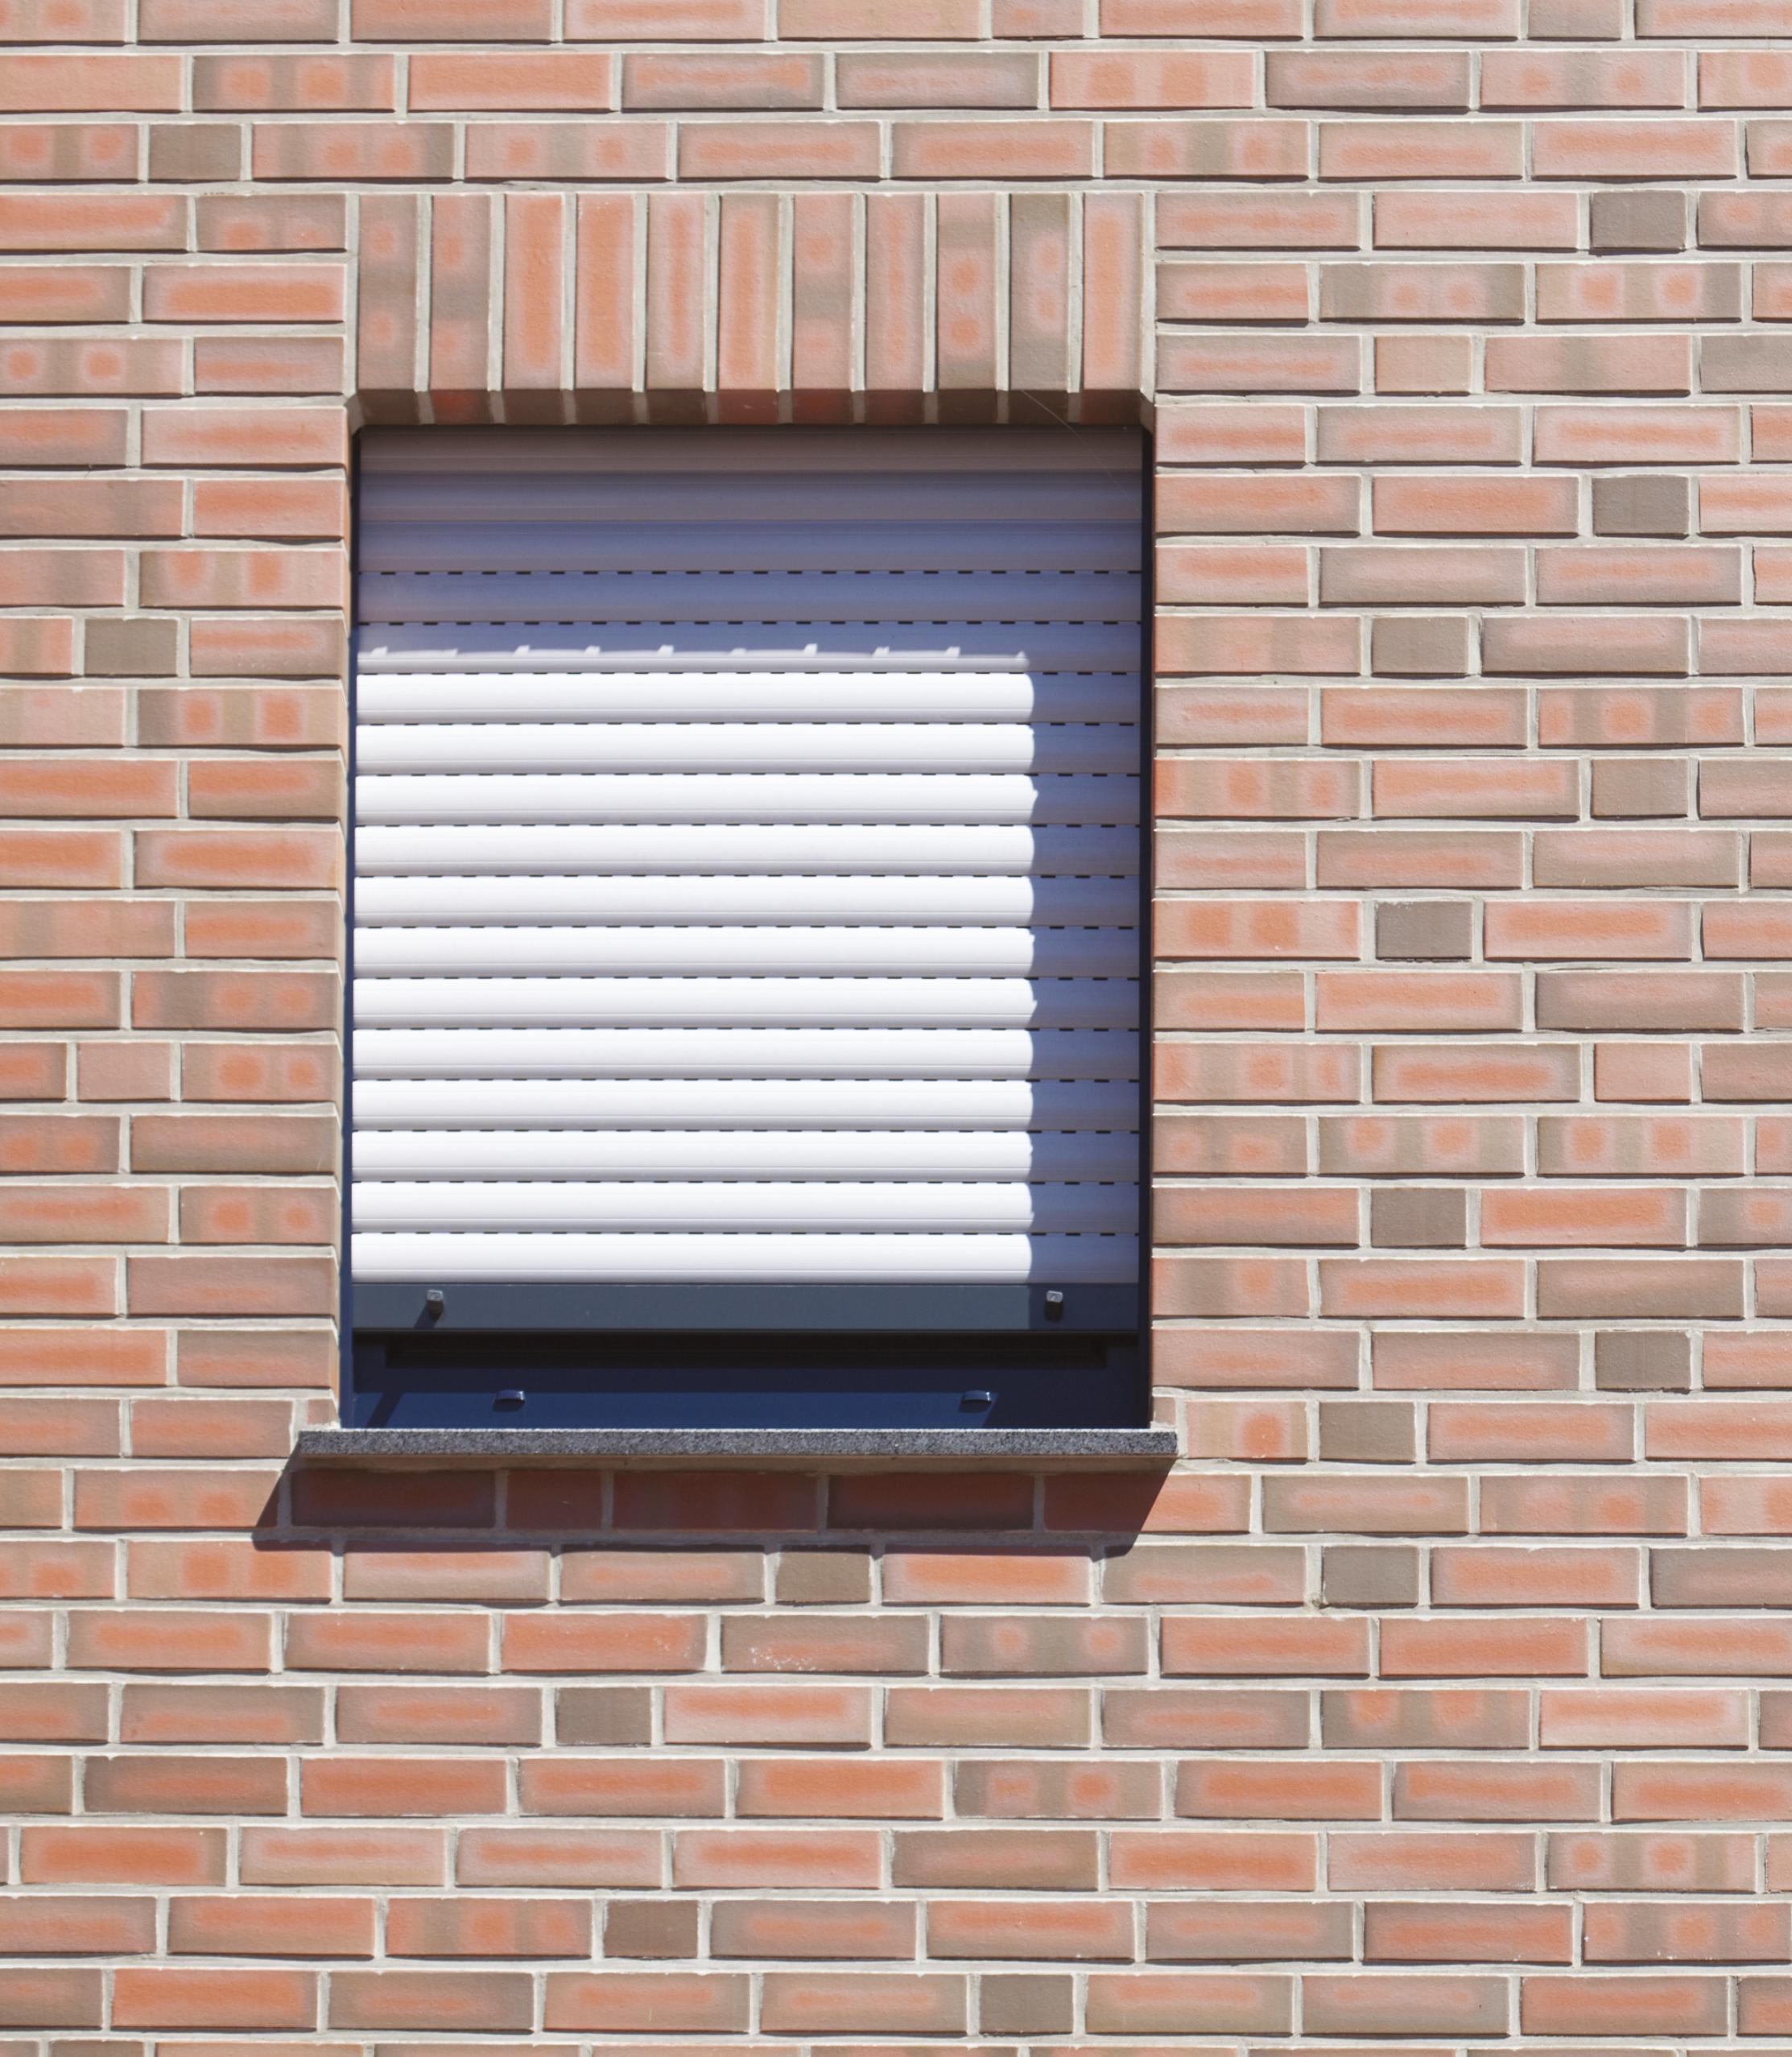 Ściana wkolorze cegły. Wścianie jest okno zroletą zewnętzrną